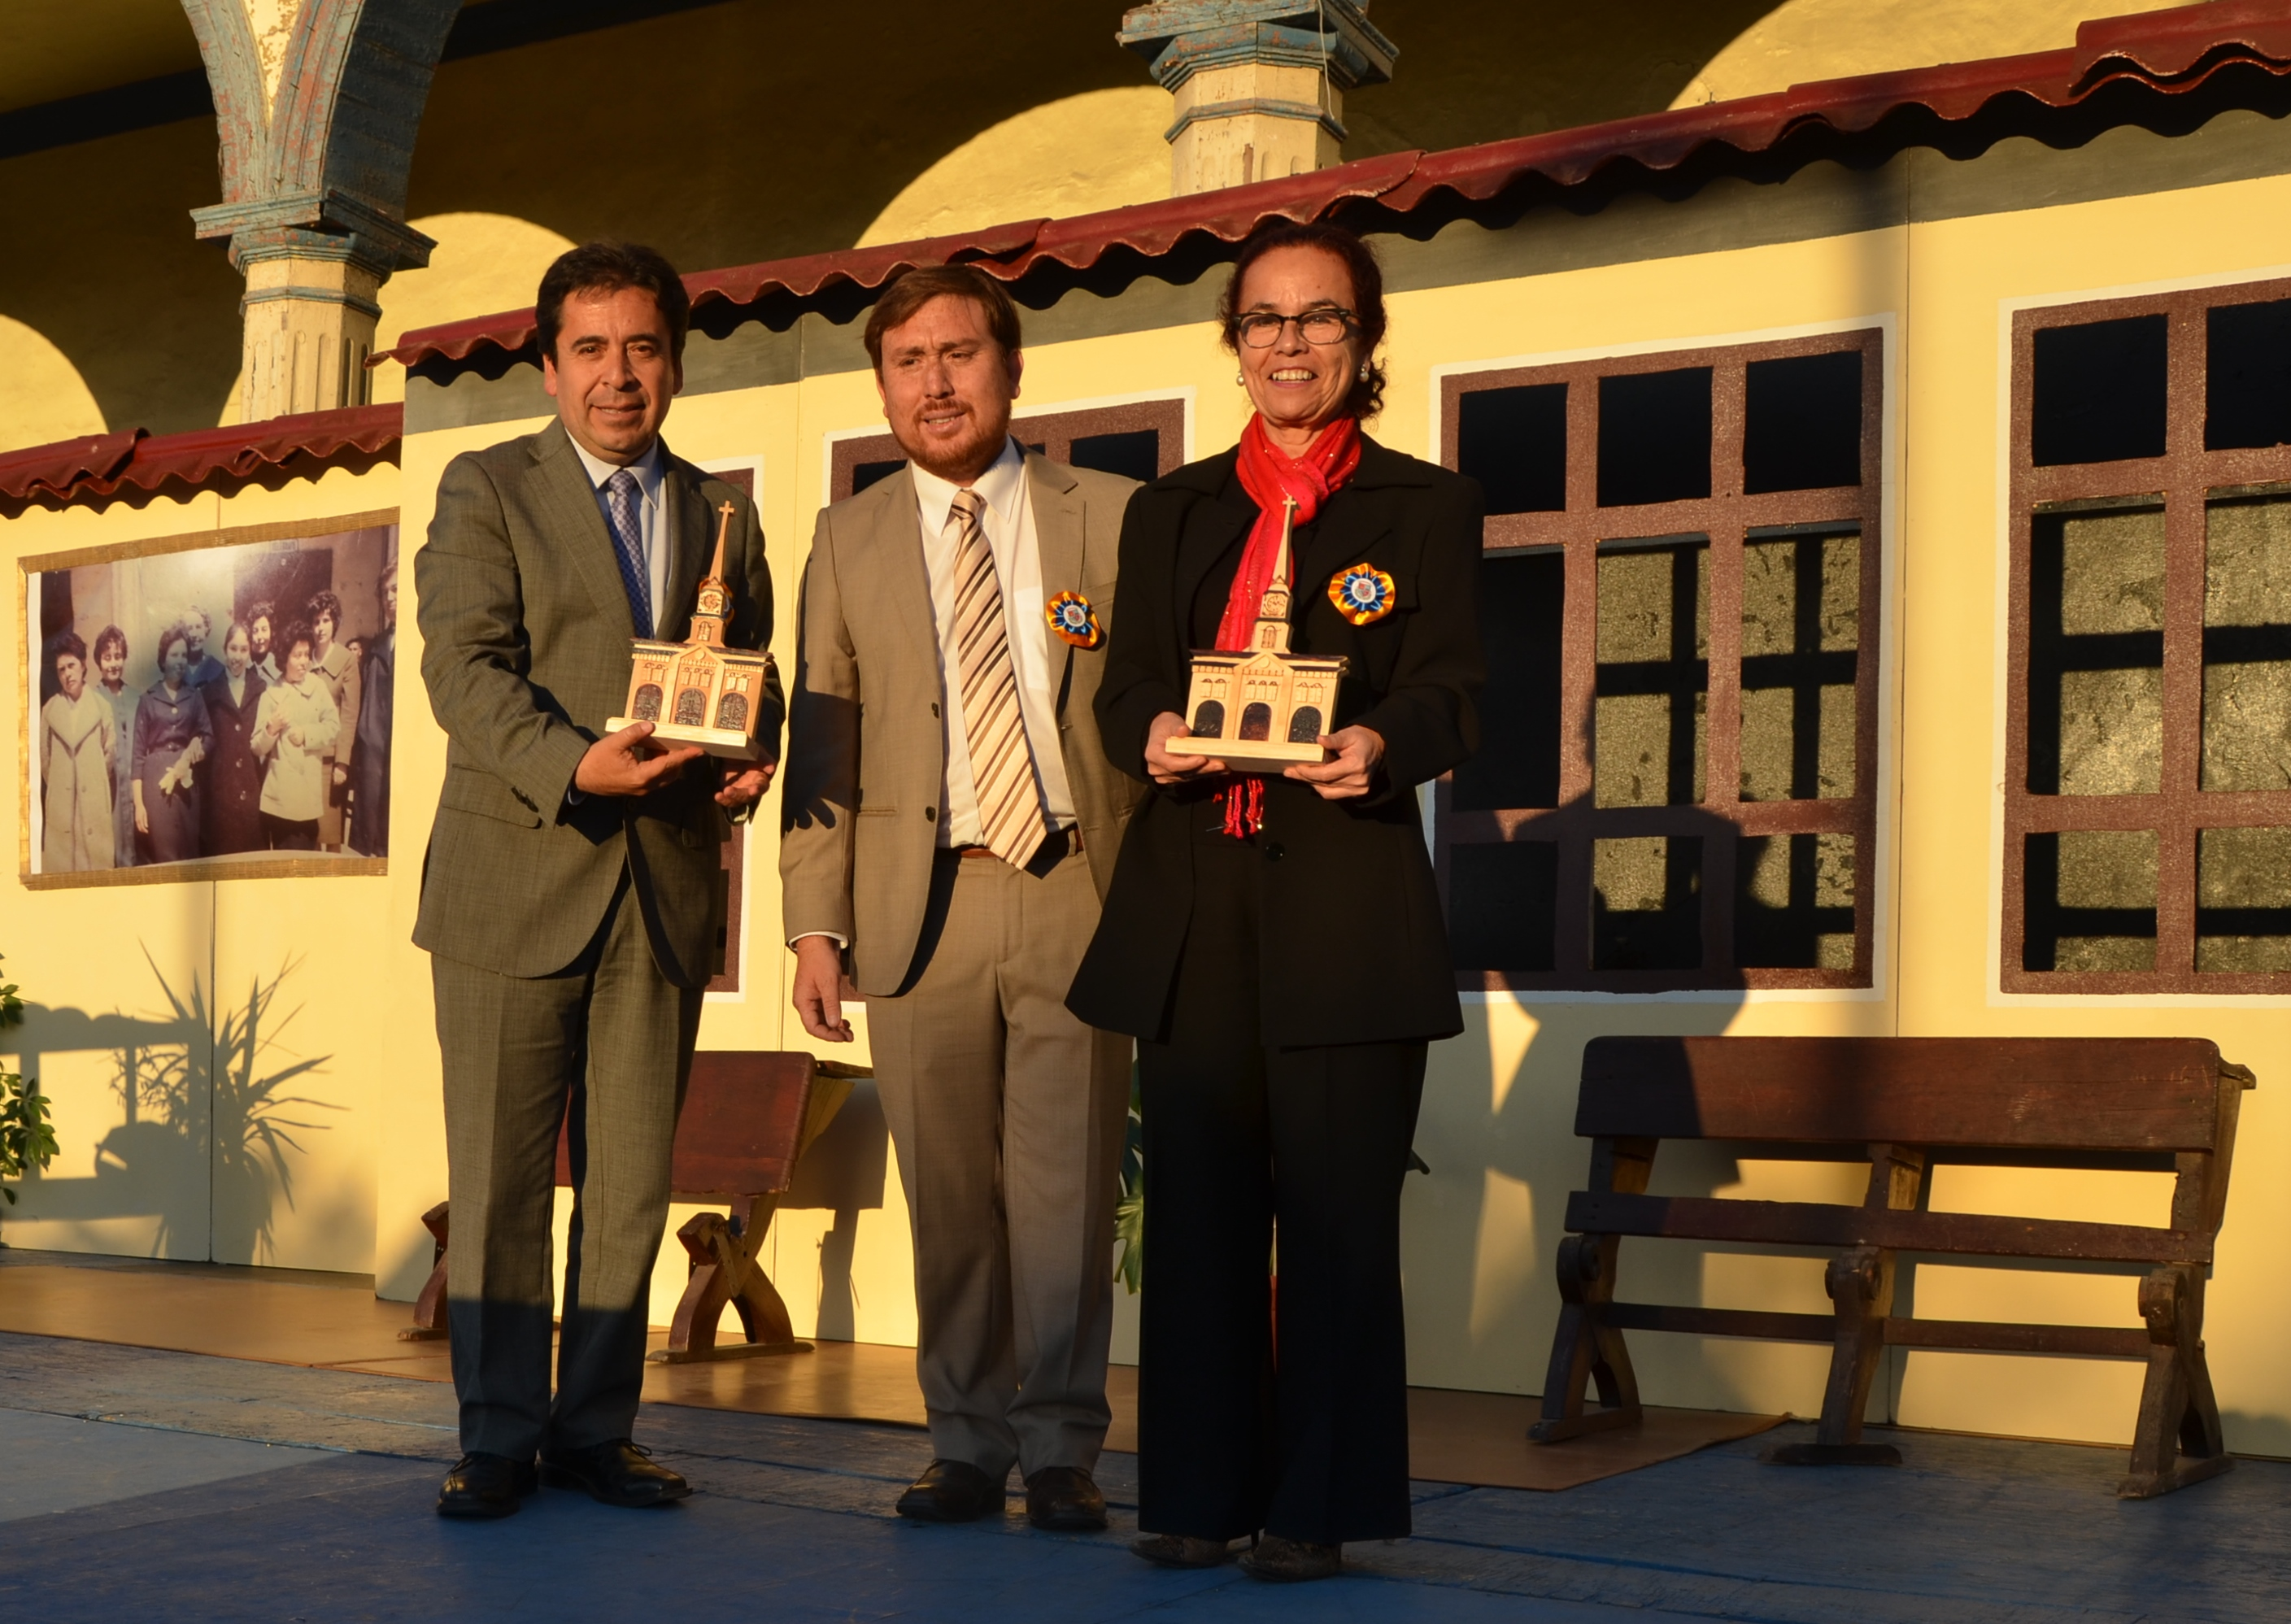 Freirina celebró el 263 años junto a la comunidad y autoridades